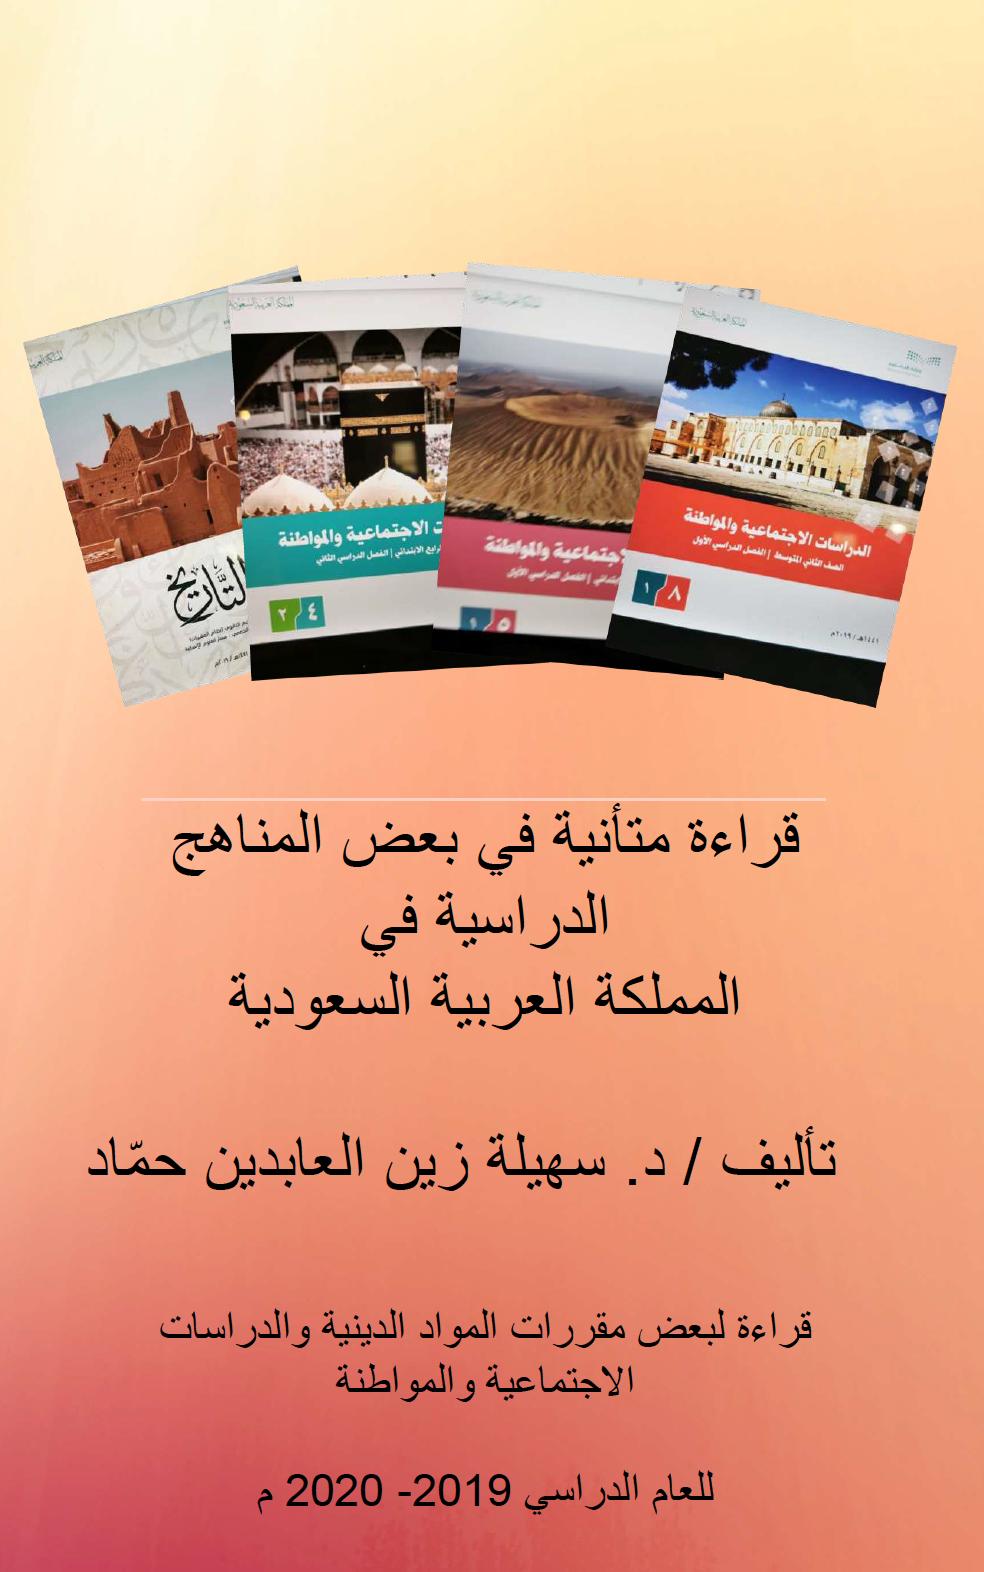 كتاب قراءة متأنية في بعض المناهج الدرسية في المملكة العربية السعودية